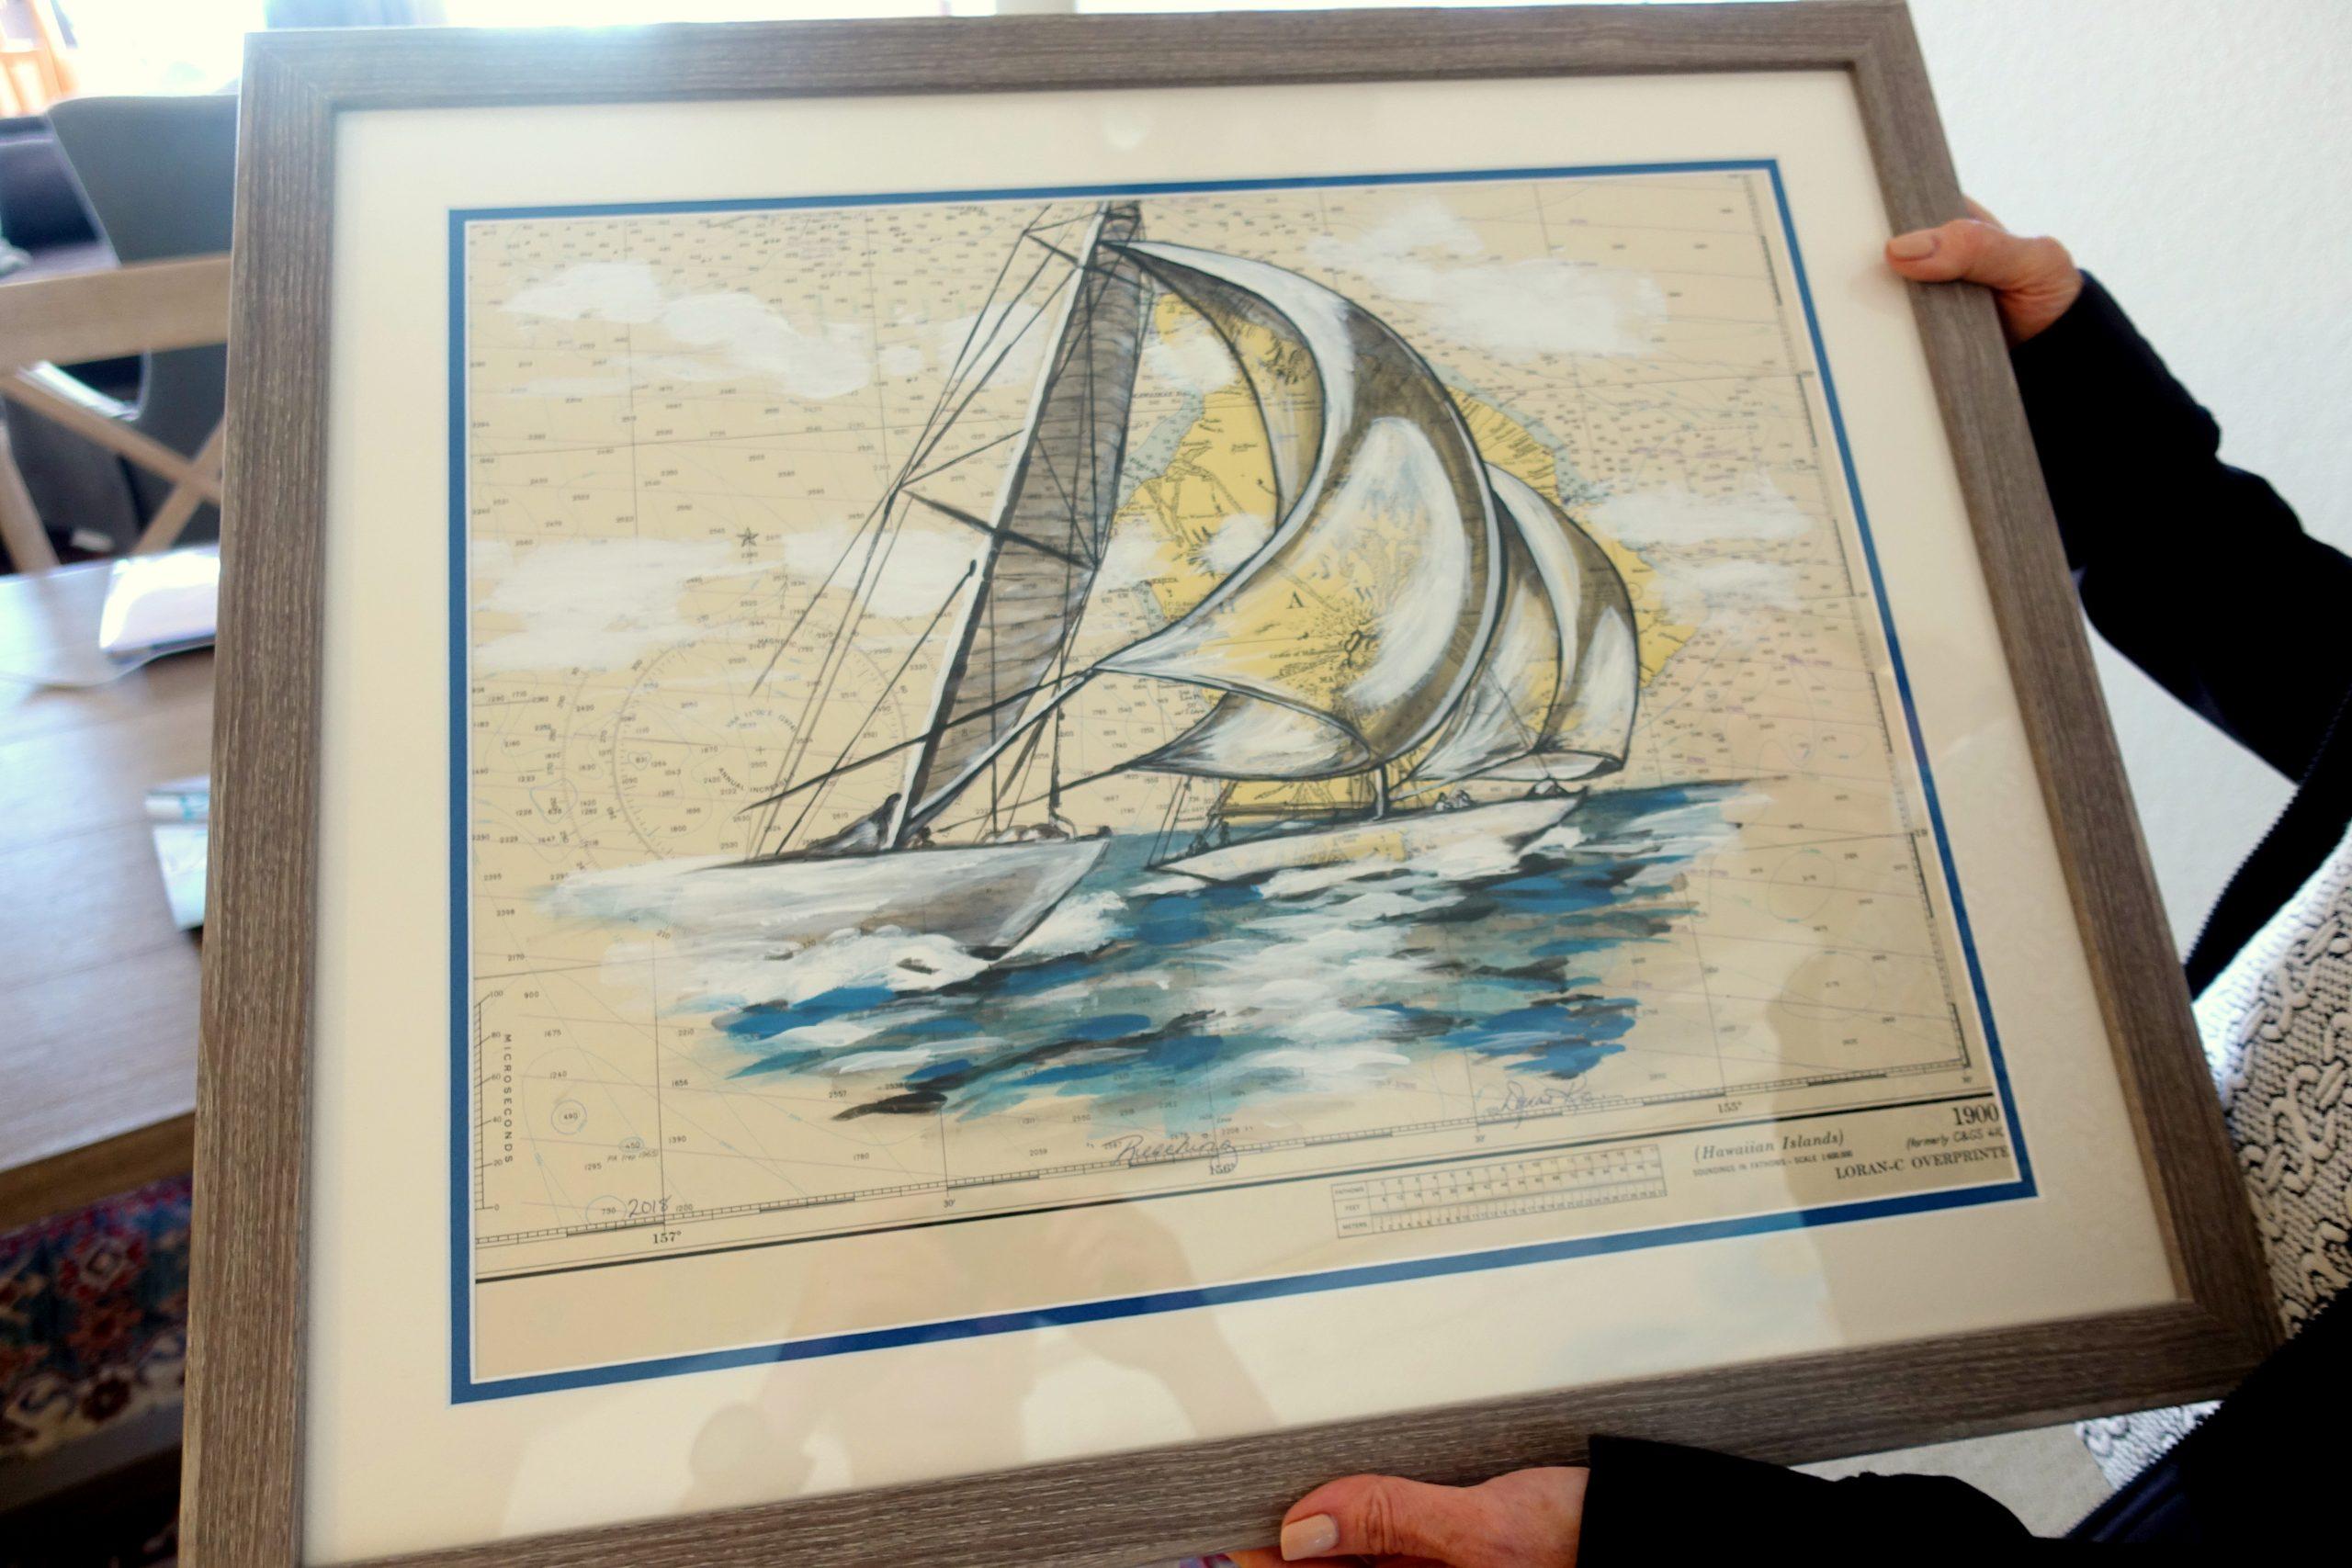 Sailboats on Hawiian Islands chart